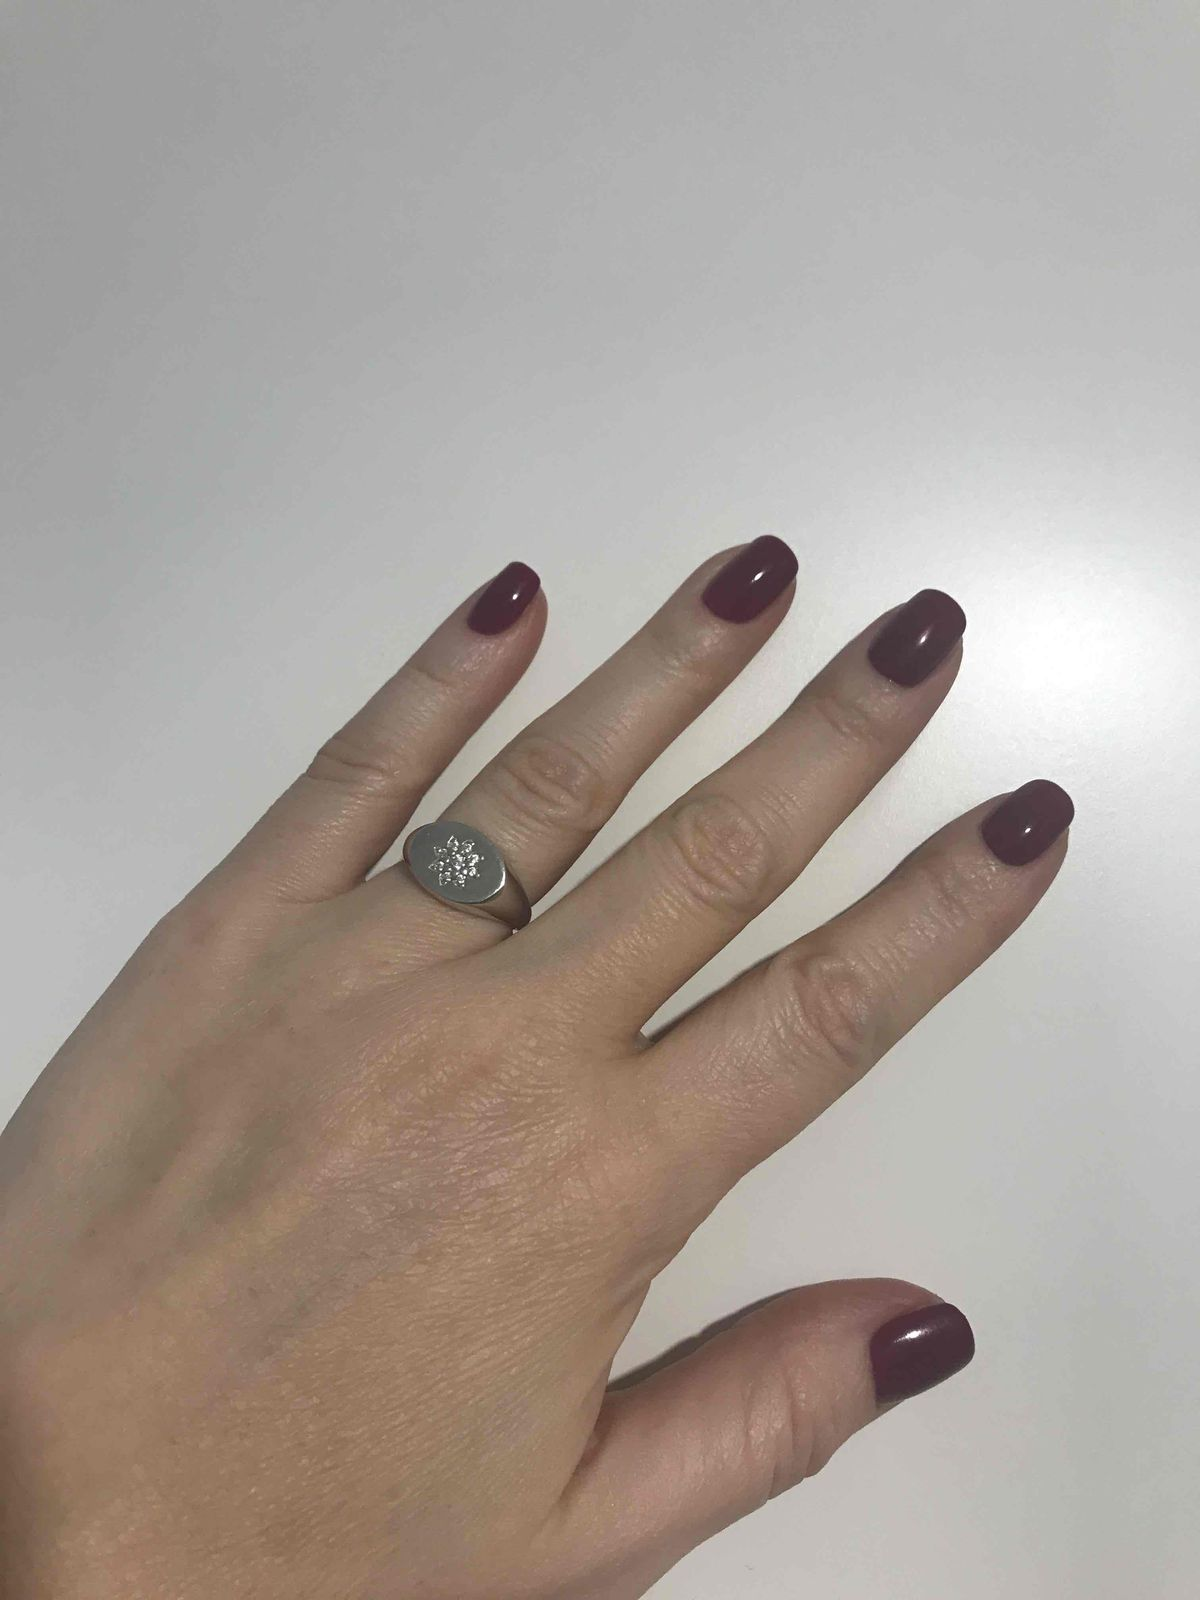 Моё любимое кольцо из серебра теперь!